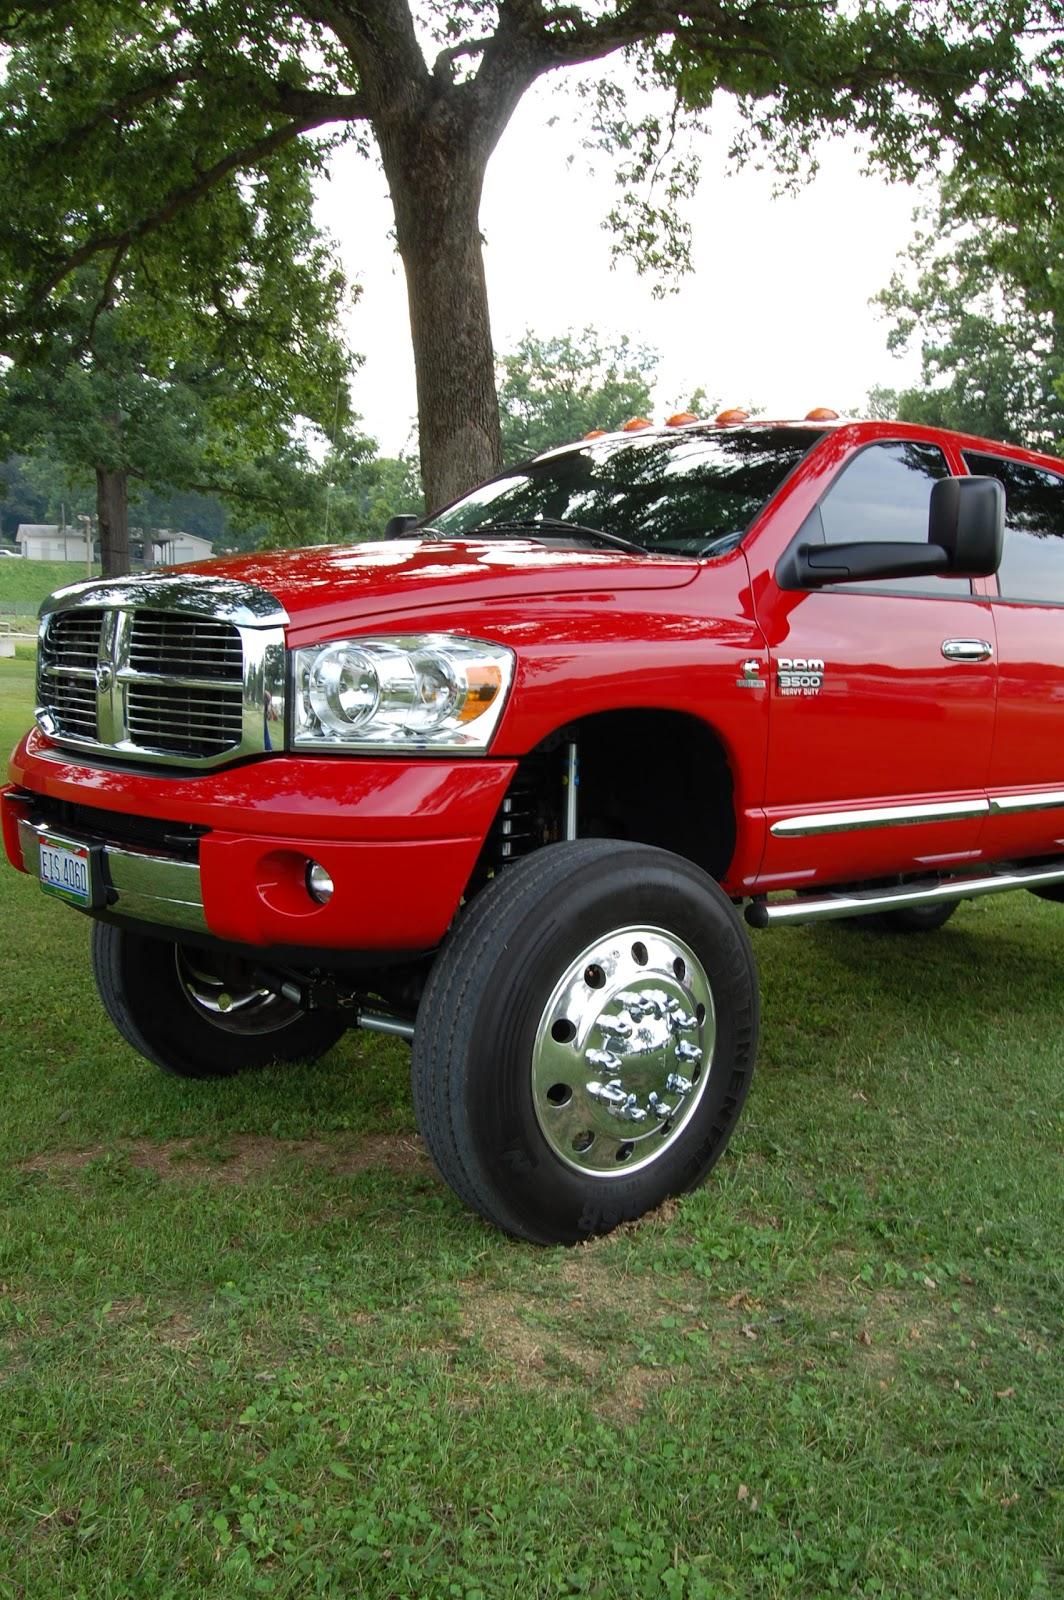 Biggest Street Legal Truck : biggest, street, legal, truck, Diesel, Motorsports:, Makes, DIESELS???